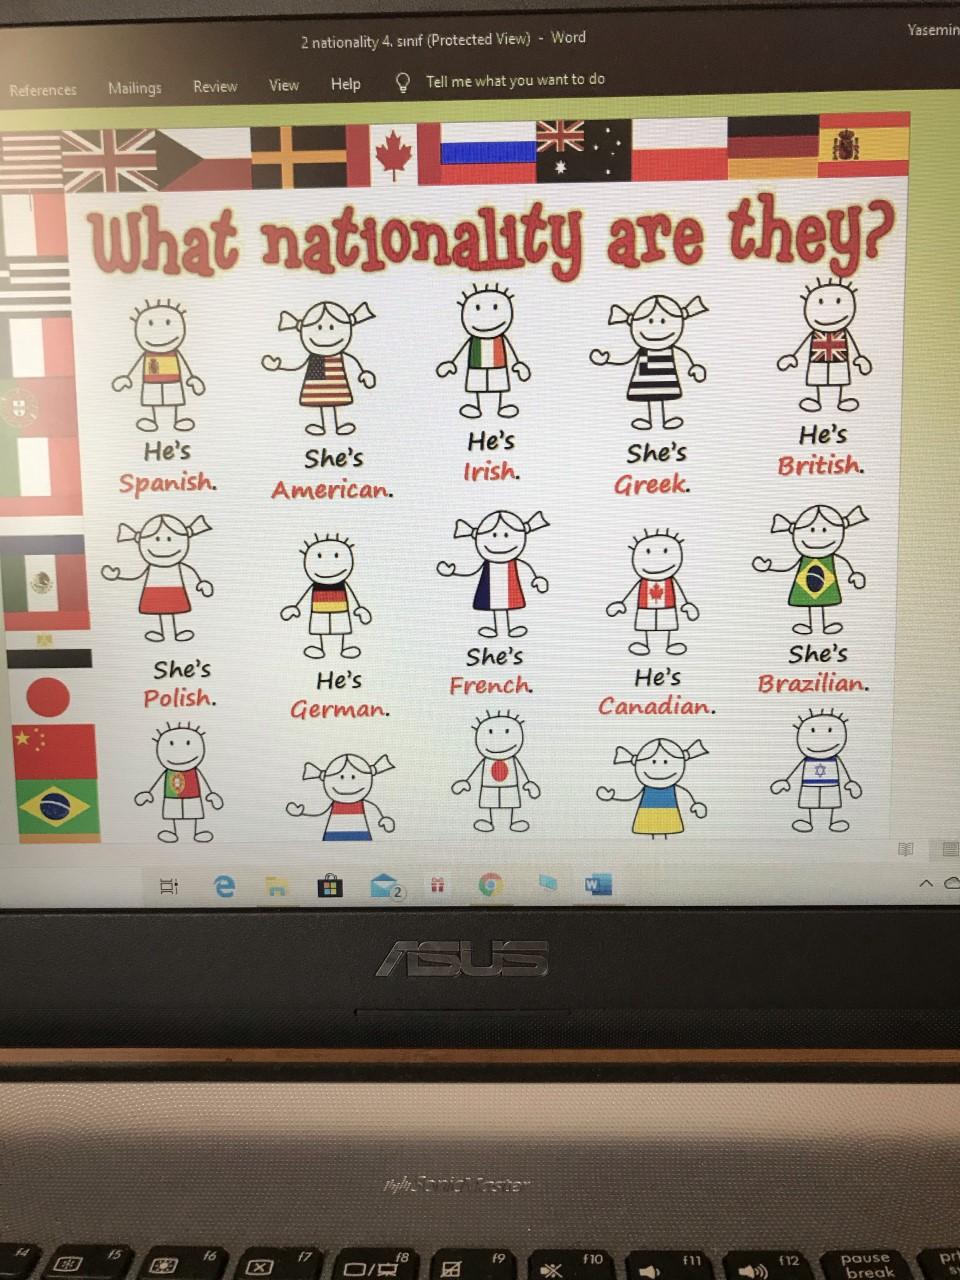 İngilizce 4. Sınıf 2. Ünite Nationality(Milletler)